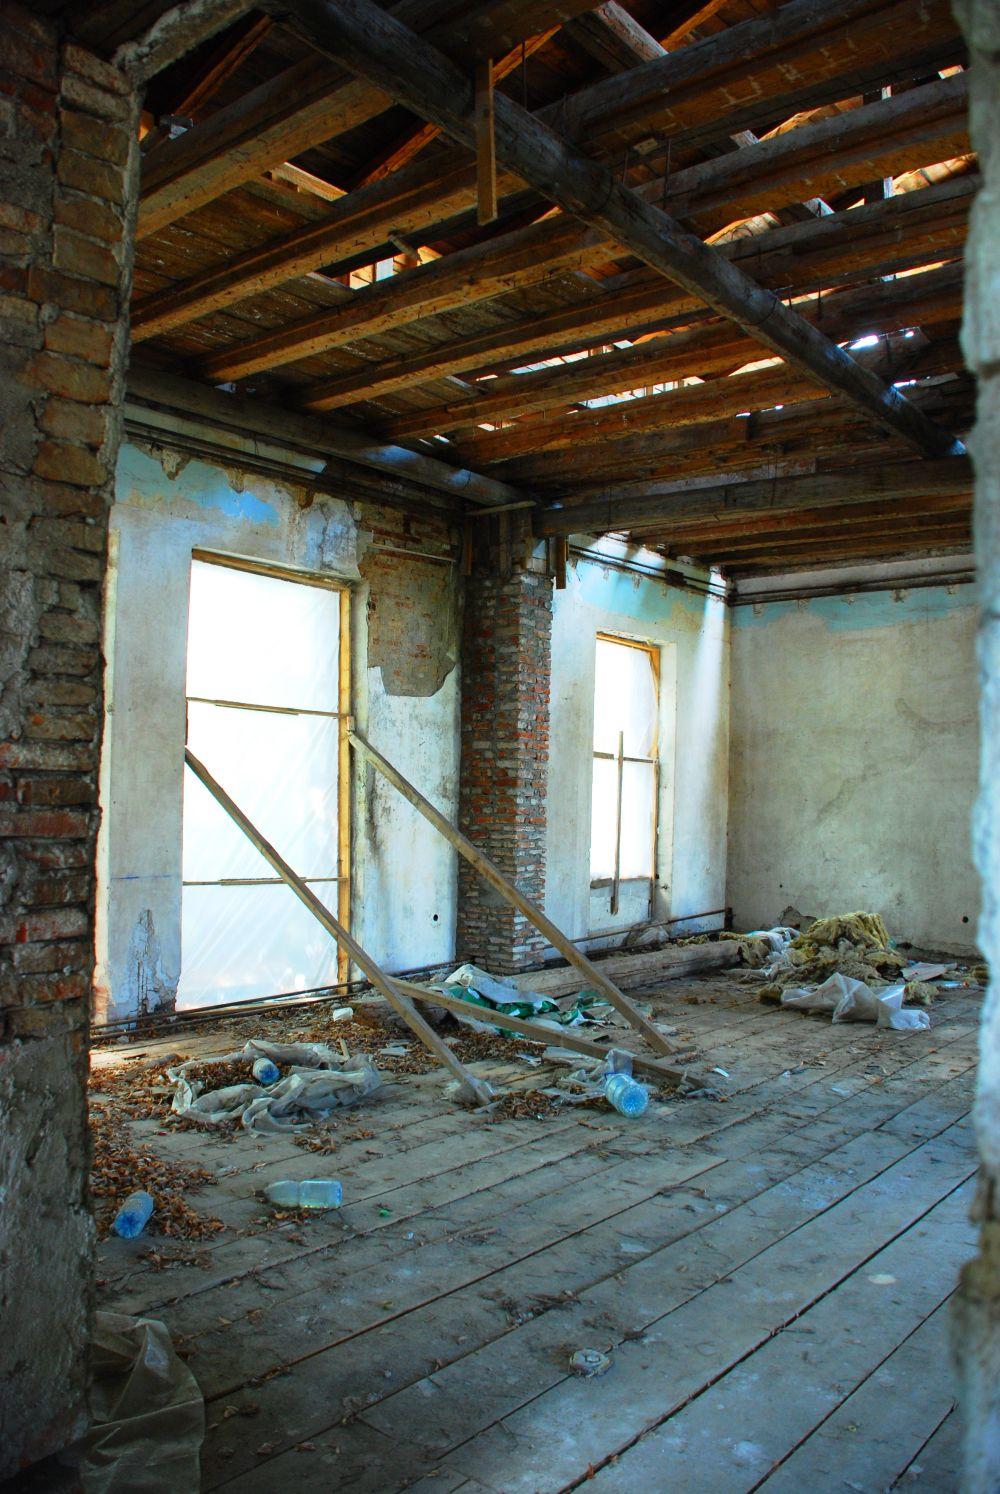 Galaţi: Batjocorită de autorităţi, casa doctorului Serfioti, fost sediu masonic, a renăscut din ruină 4